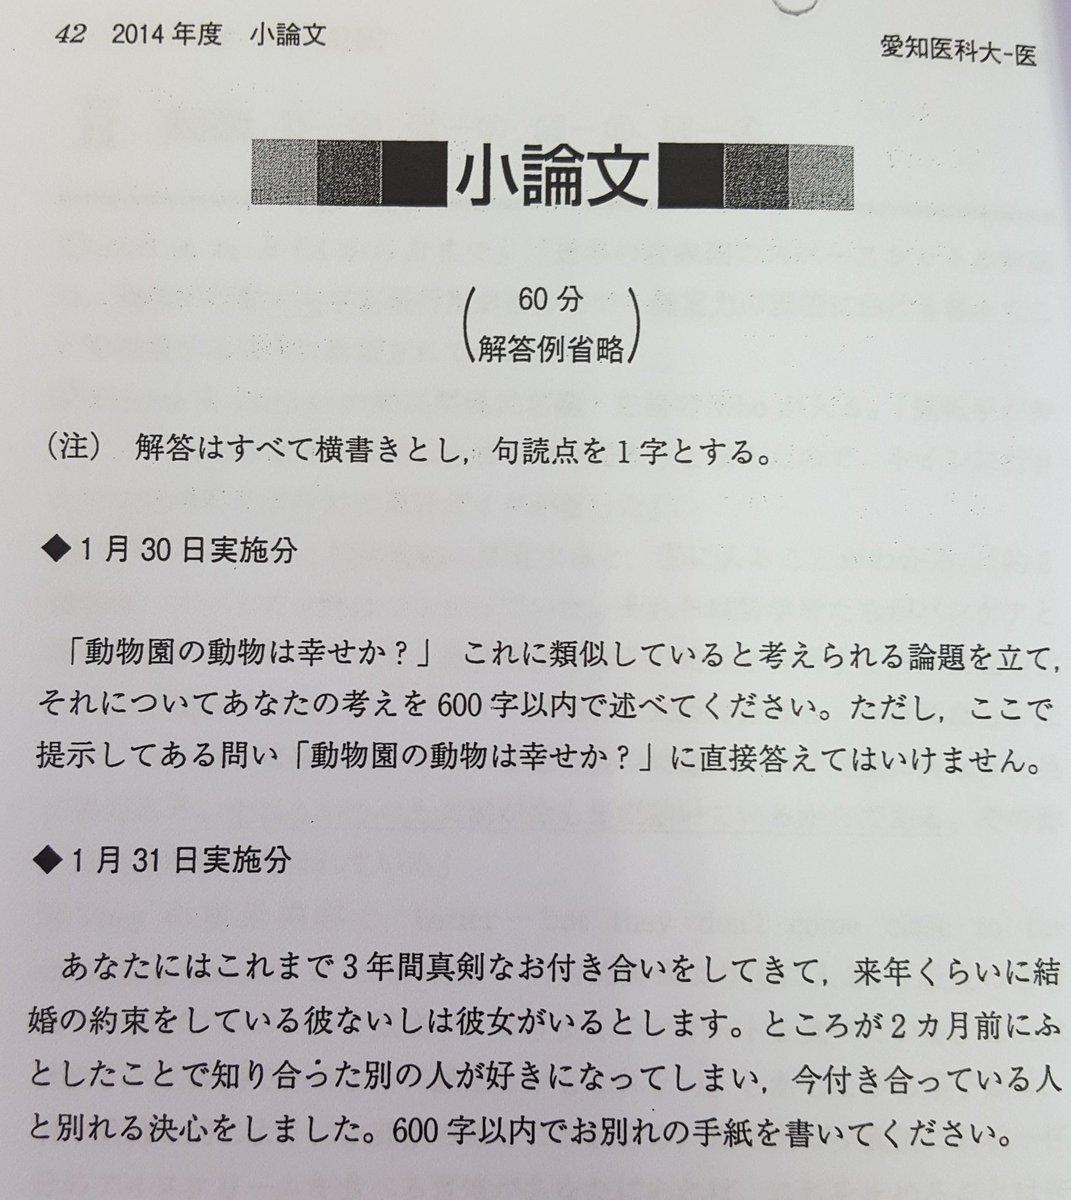 愛知医科大学 小論文 問題